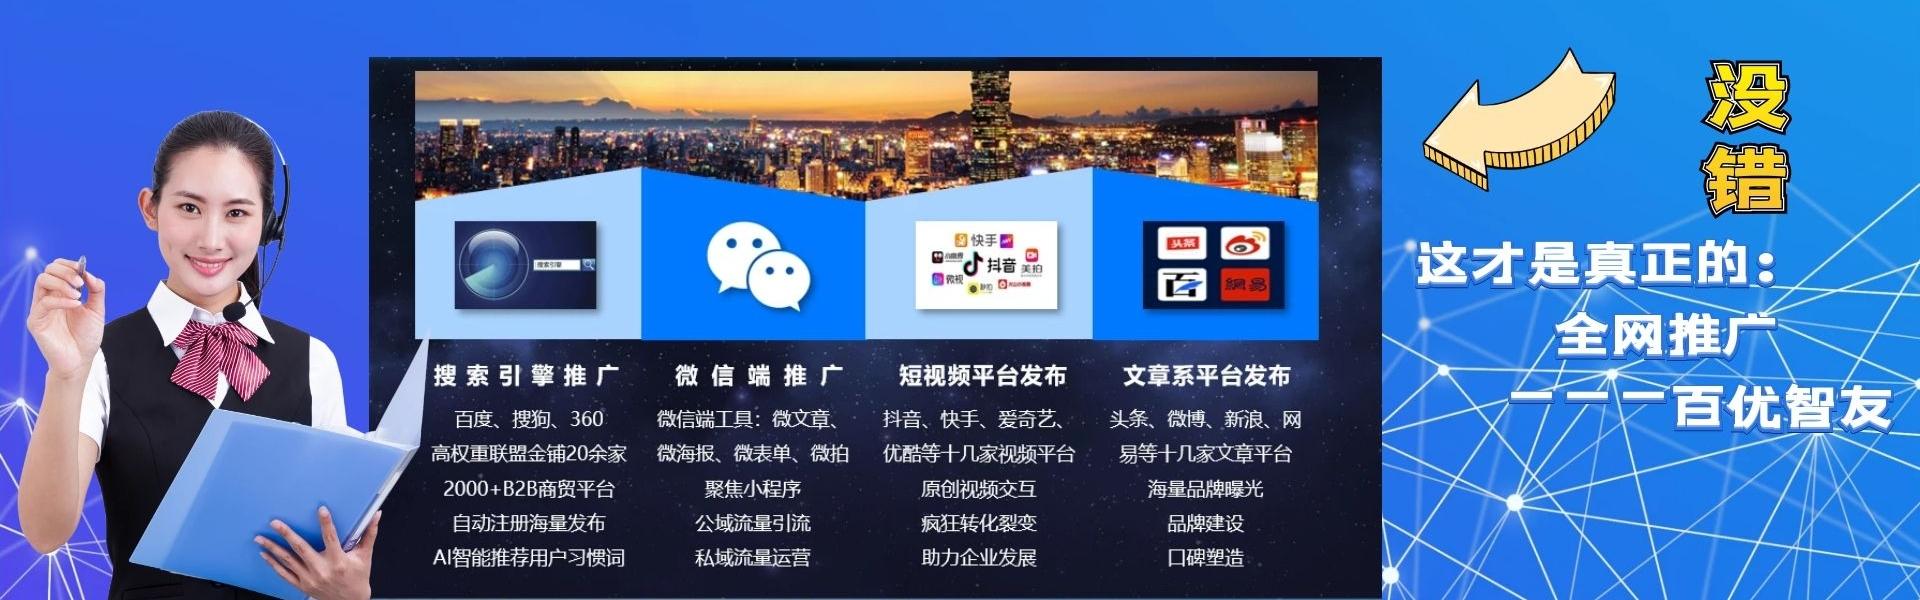 惠州全网推广